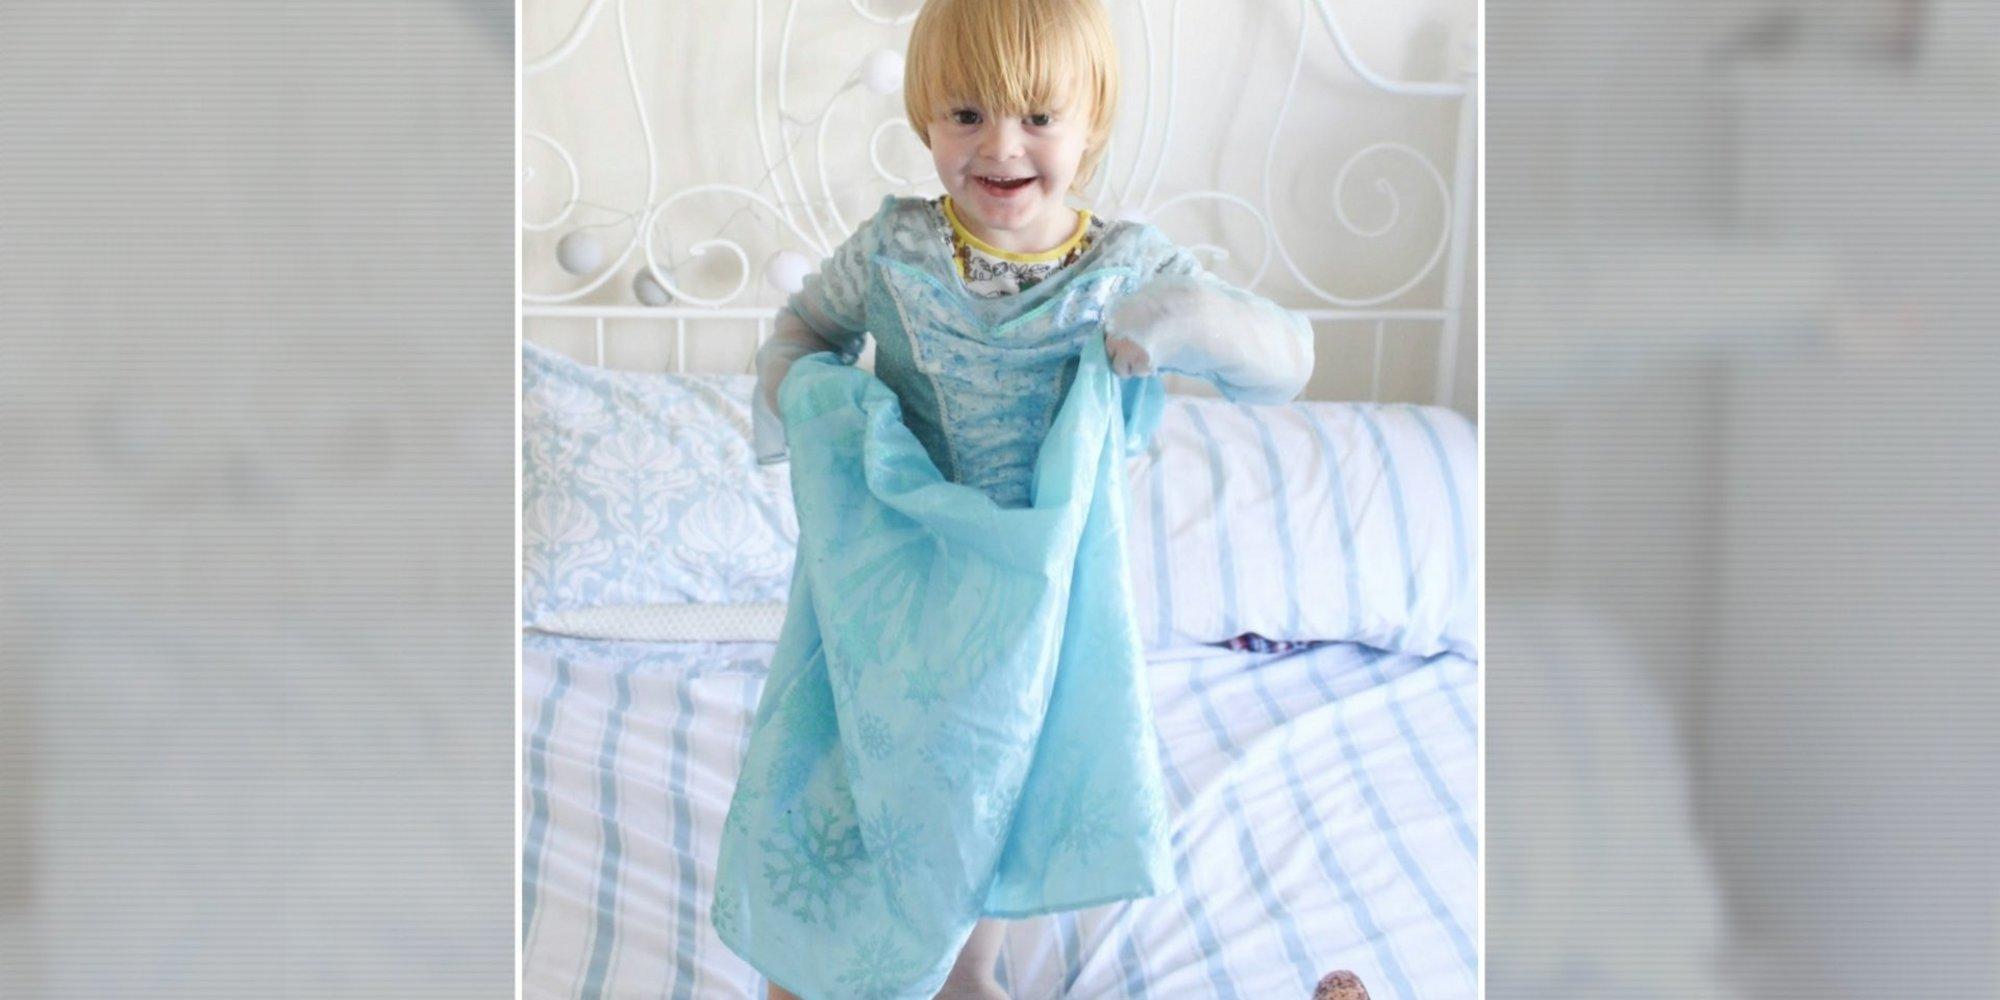 Disneyland, 3 Yaşındaki Erkek Çocuğun 'Bir Günlük Prenses' Deneyimi Yaşamasına İzin Vermedi!